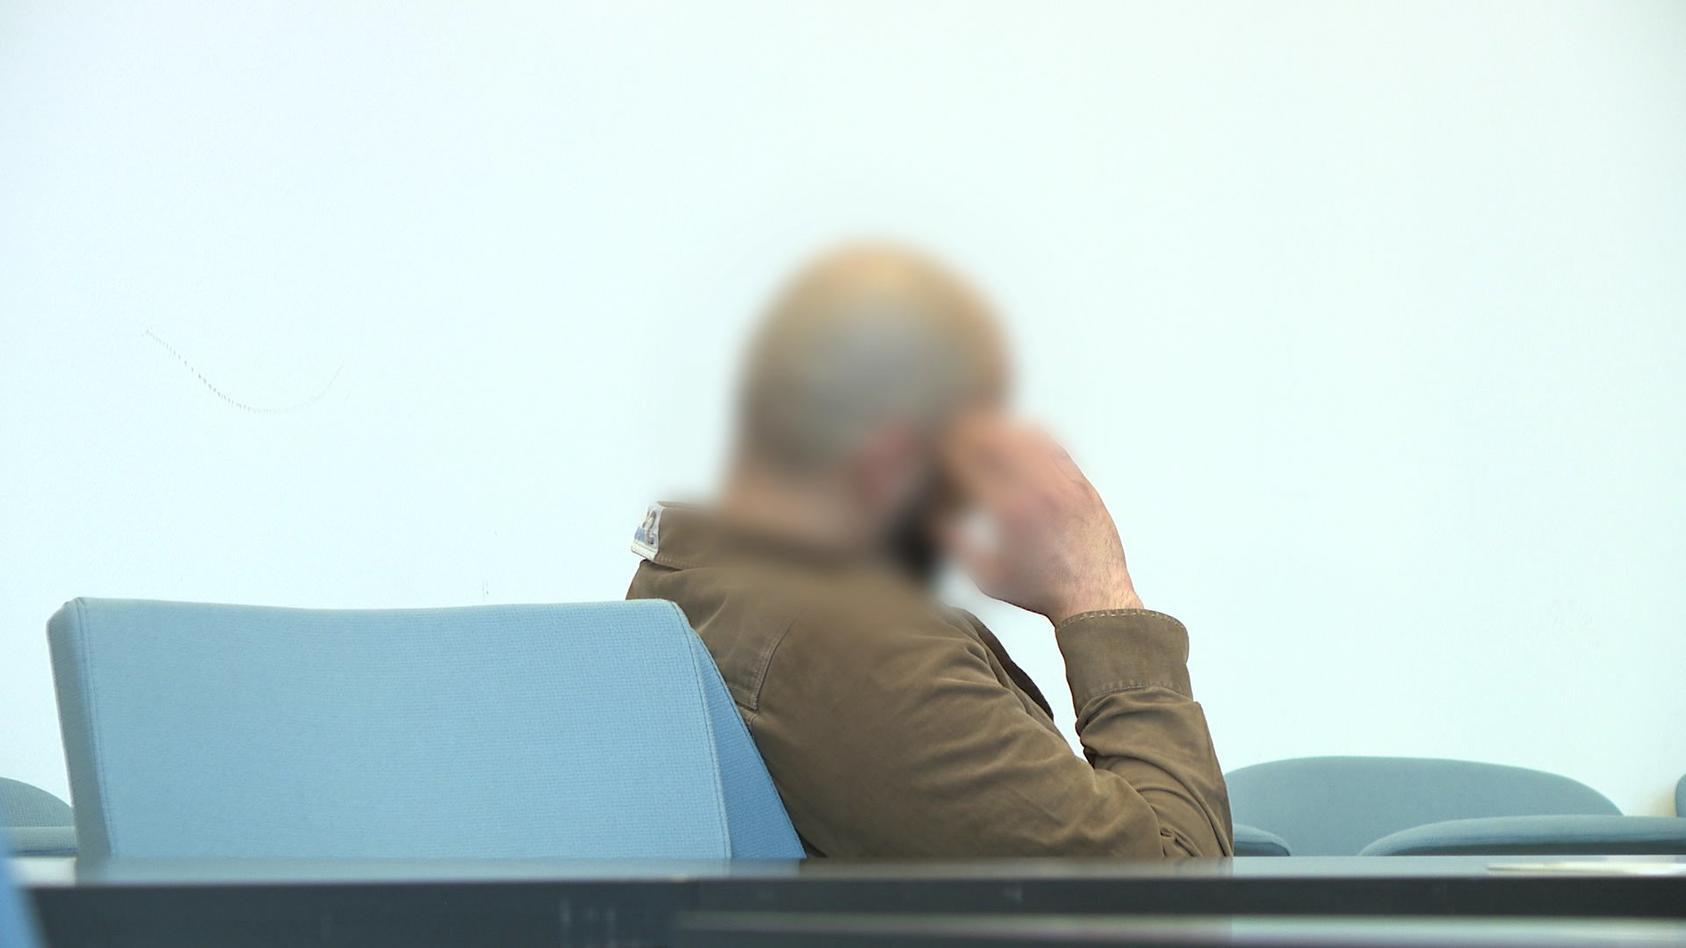 Angeklagter vor Gericht in Duisburg nach Betrugsversuch, Raubüberfall und Diebstahlsversuchen